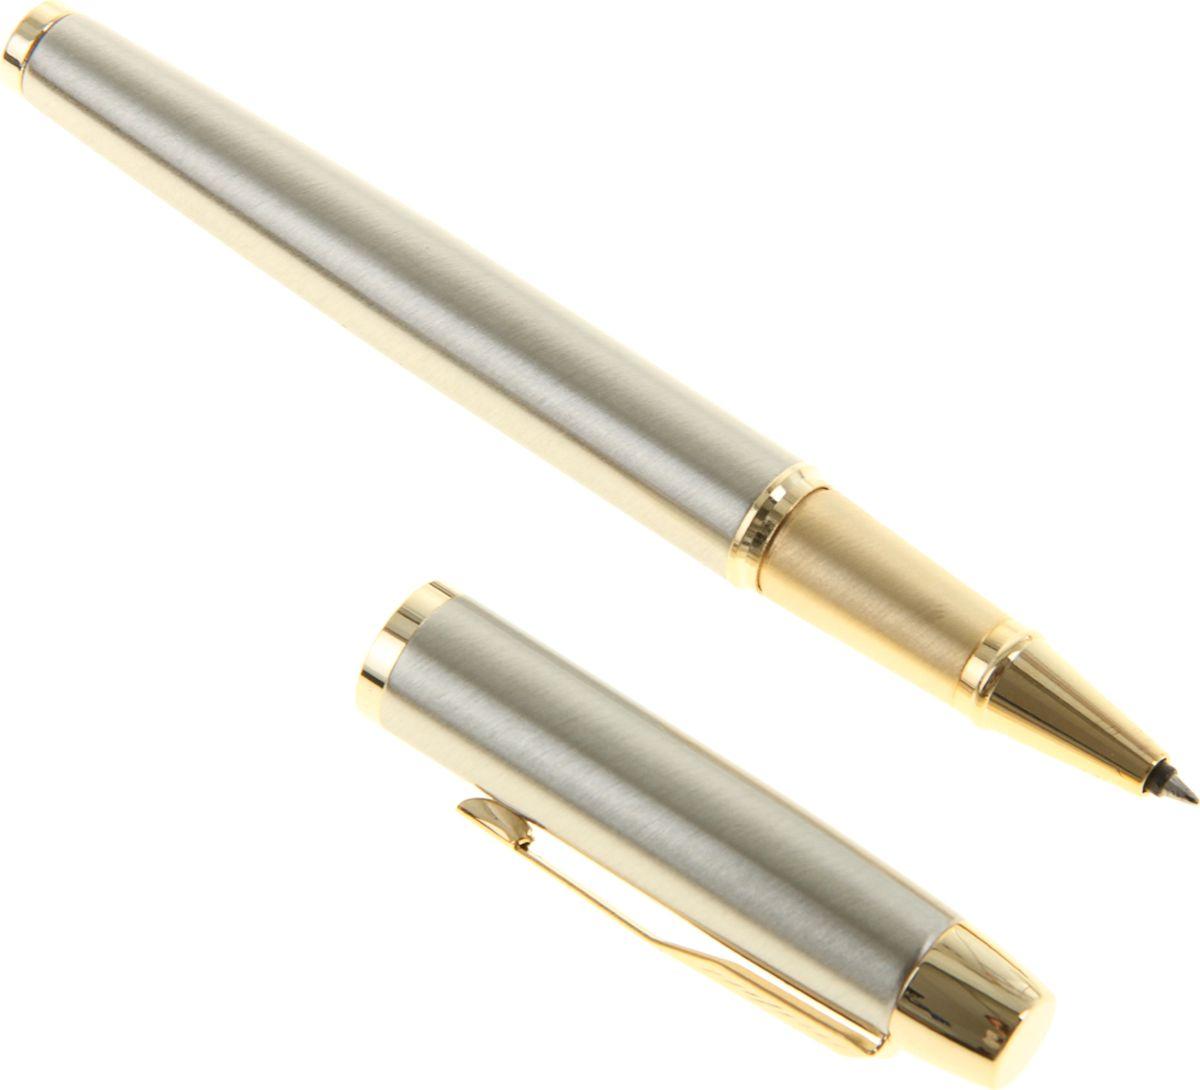 Parker Ручка-роллер IM Metal Brushed Metal GT Fblack черная1013822Ручка-роллер Parker IM Metal Brushed Metal GT Fblack — классика с современным оттенком. Этот культовый бренд отличается неугасаемым стремлением к совершенству. Уже на протяжении столетия он имеет отличную репутацию и ассоциируется с канцелярскими изделиями исключительно высокого качества, подчеркивая тем самым верность традициям, надежность, элегантность, стиль и желание привносить новое в свои образцы. Ручка-роллер Parker IM Metal Brushed Metal GT Fblack — сочетание неповторимого дизайна и прекрасного исполнения. Этот аксессуар станет элитным и статусным презентом для коллег, друзей, а также настоящим украшением любого рабочего стола.